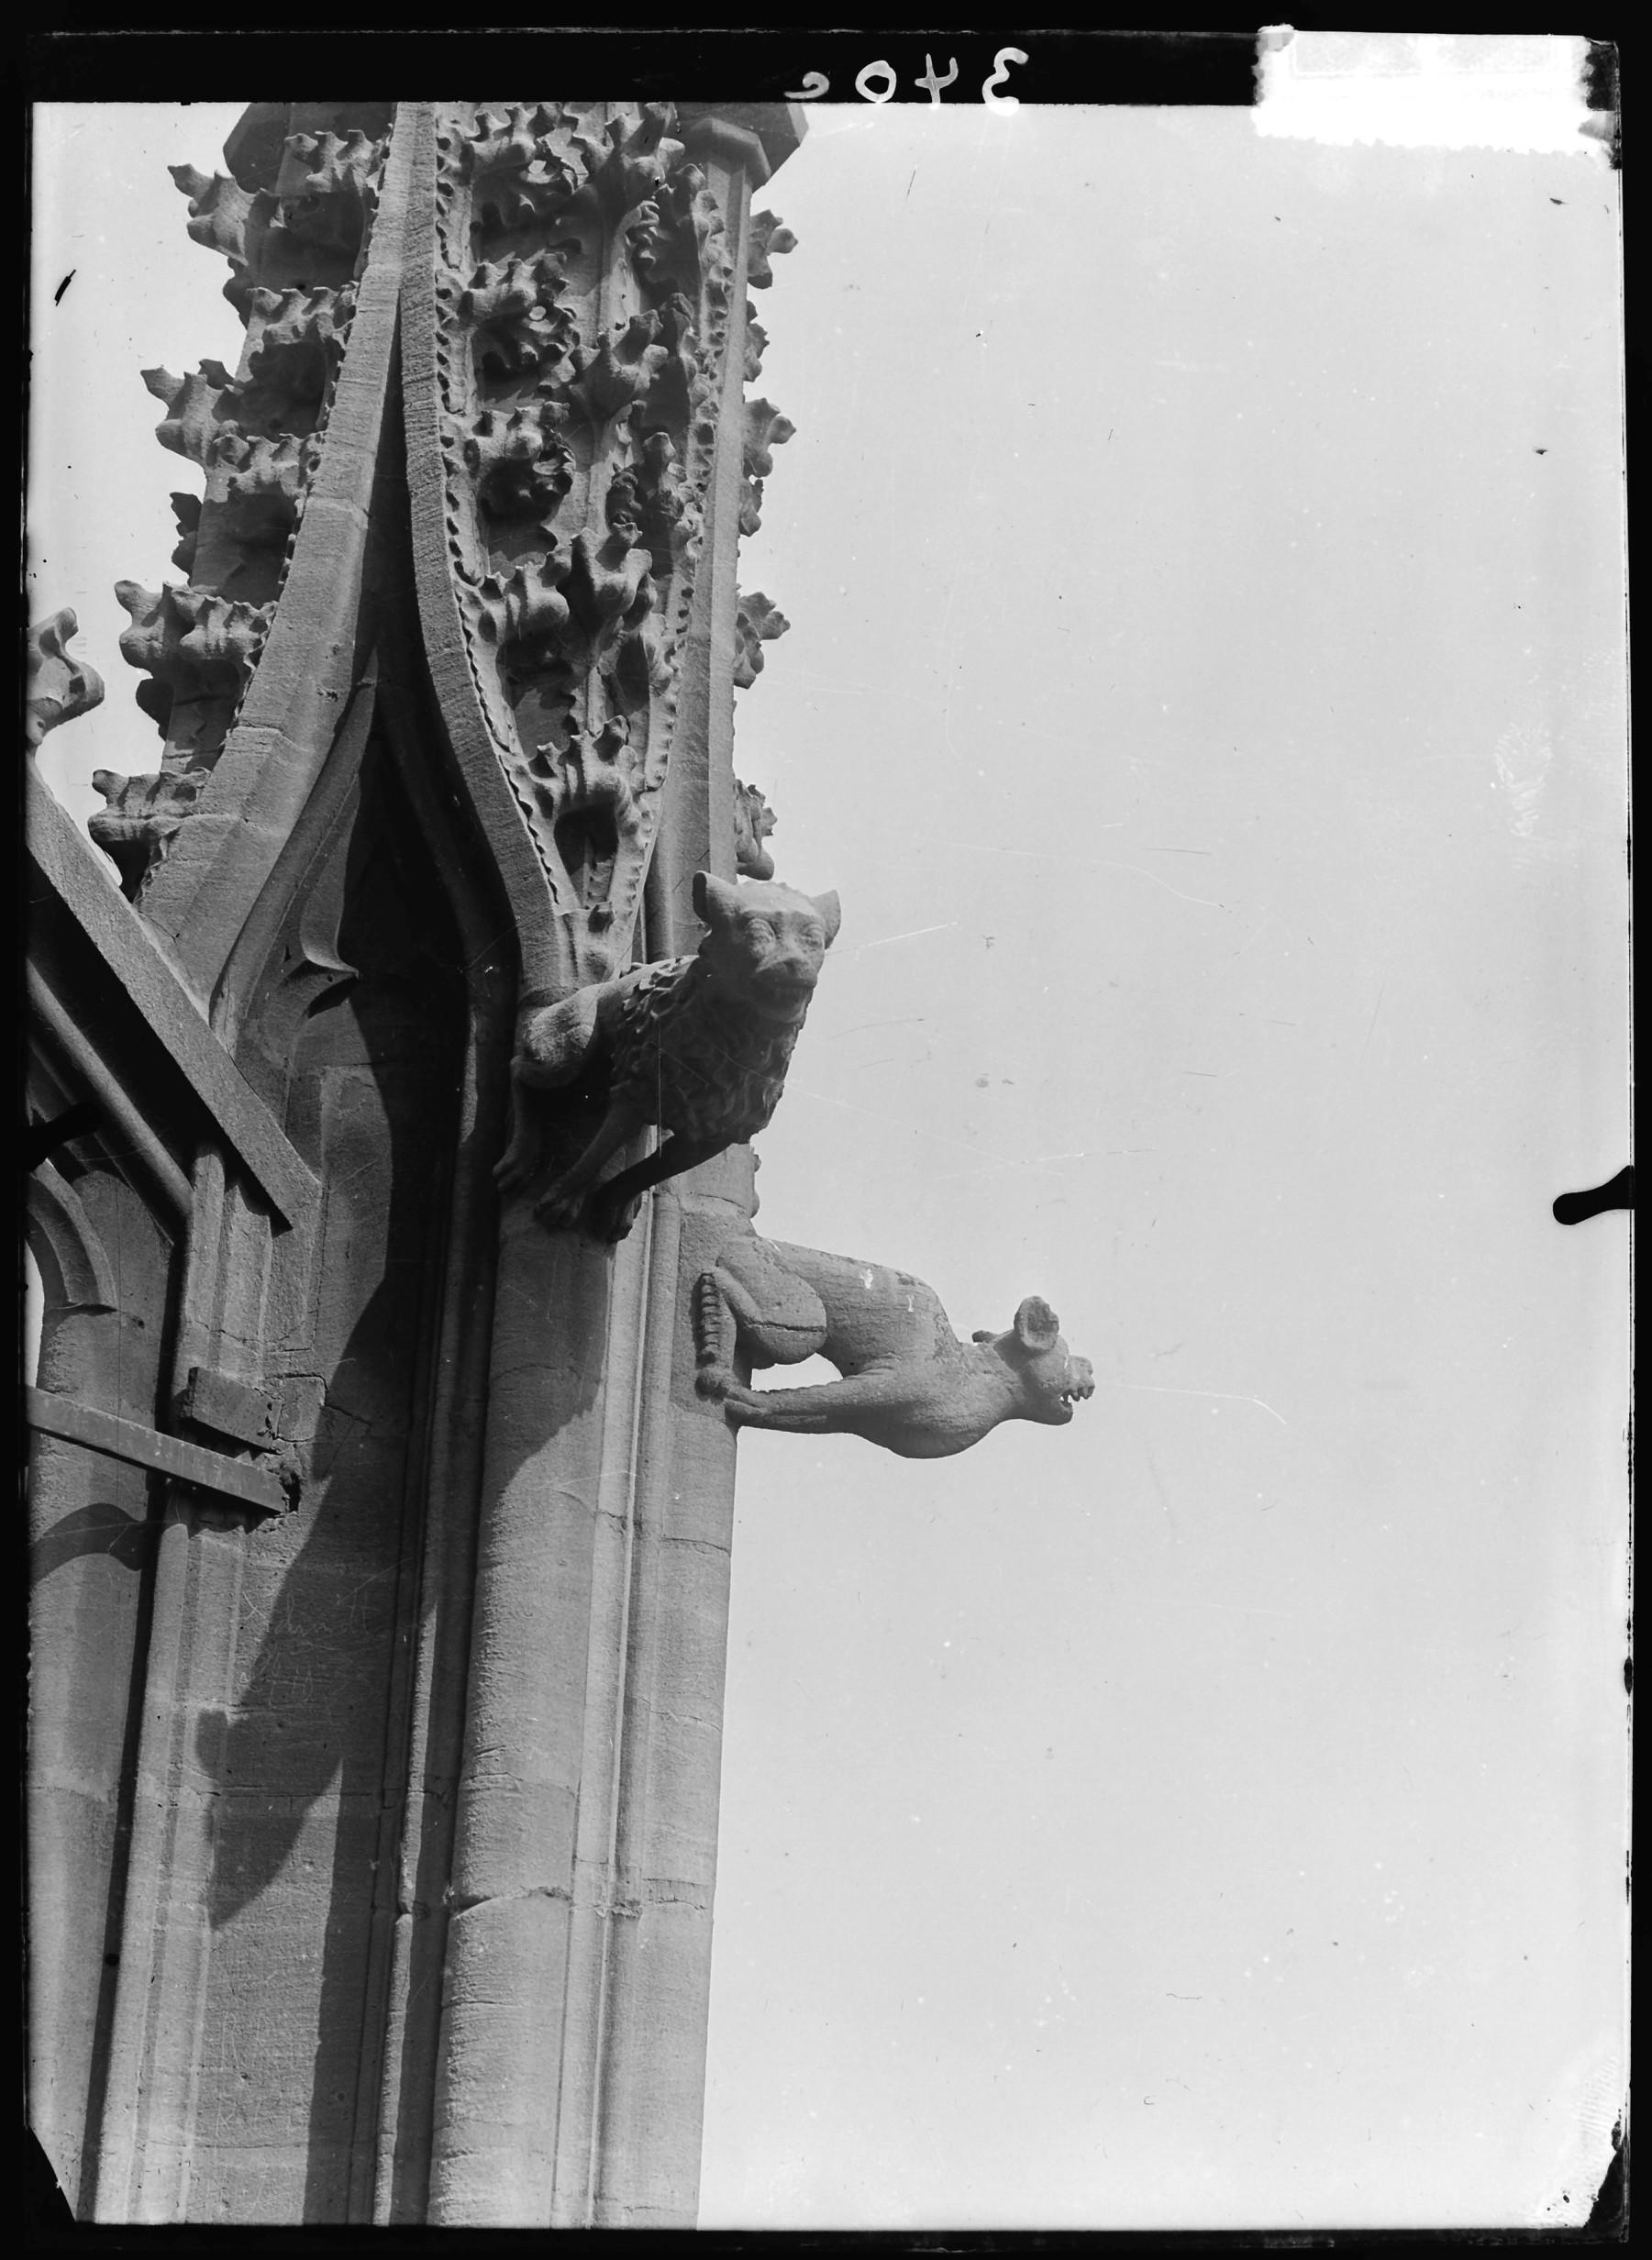 Contenu du Gargouilles sur la cathédrale Saint-Étienne